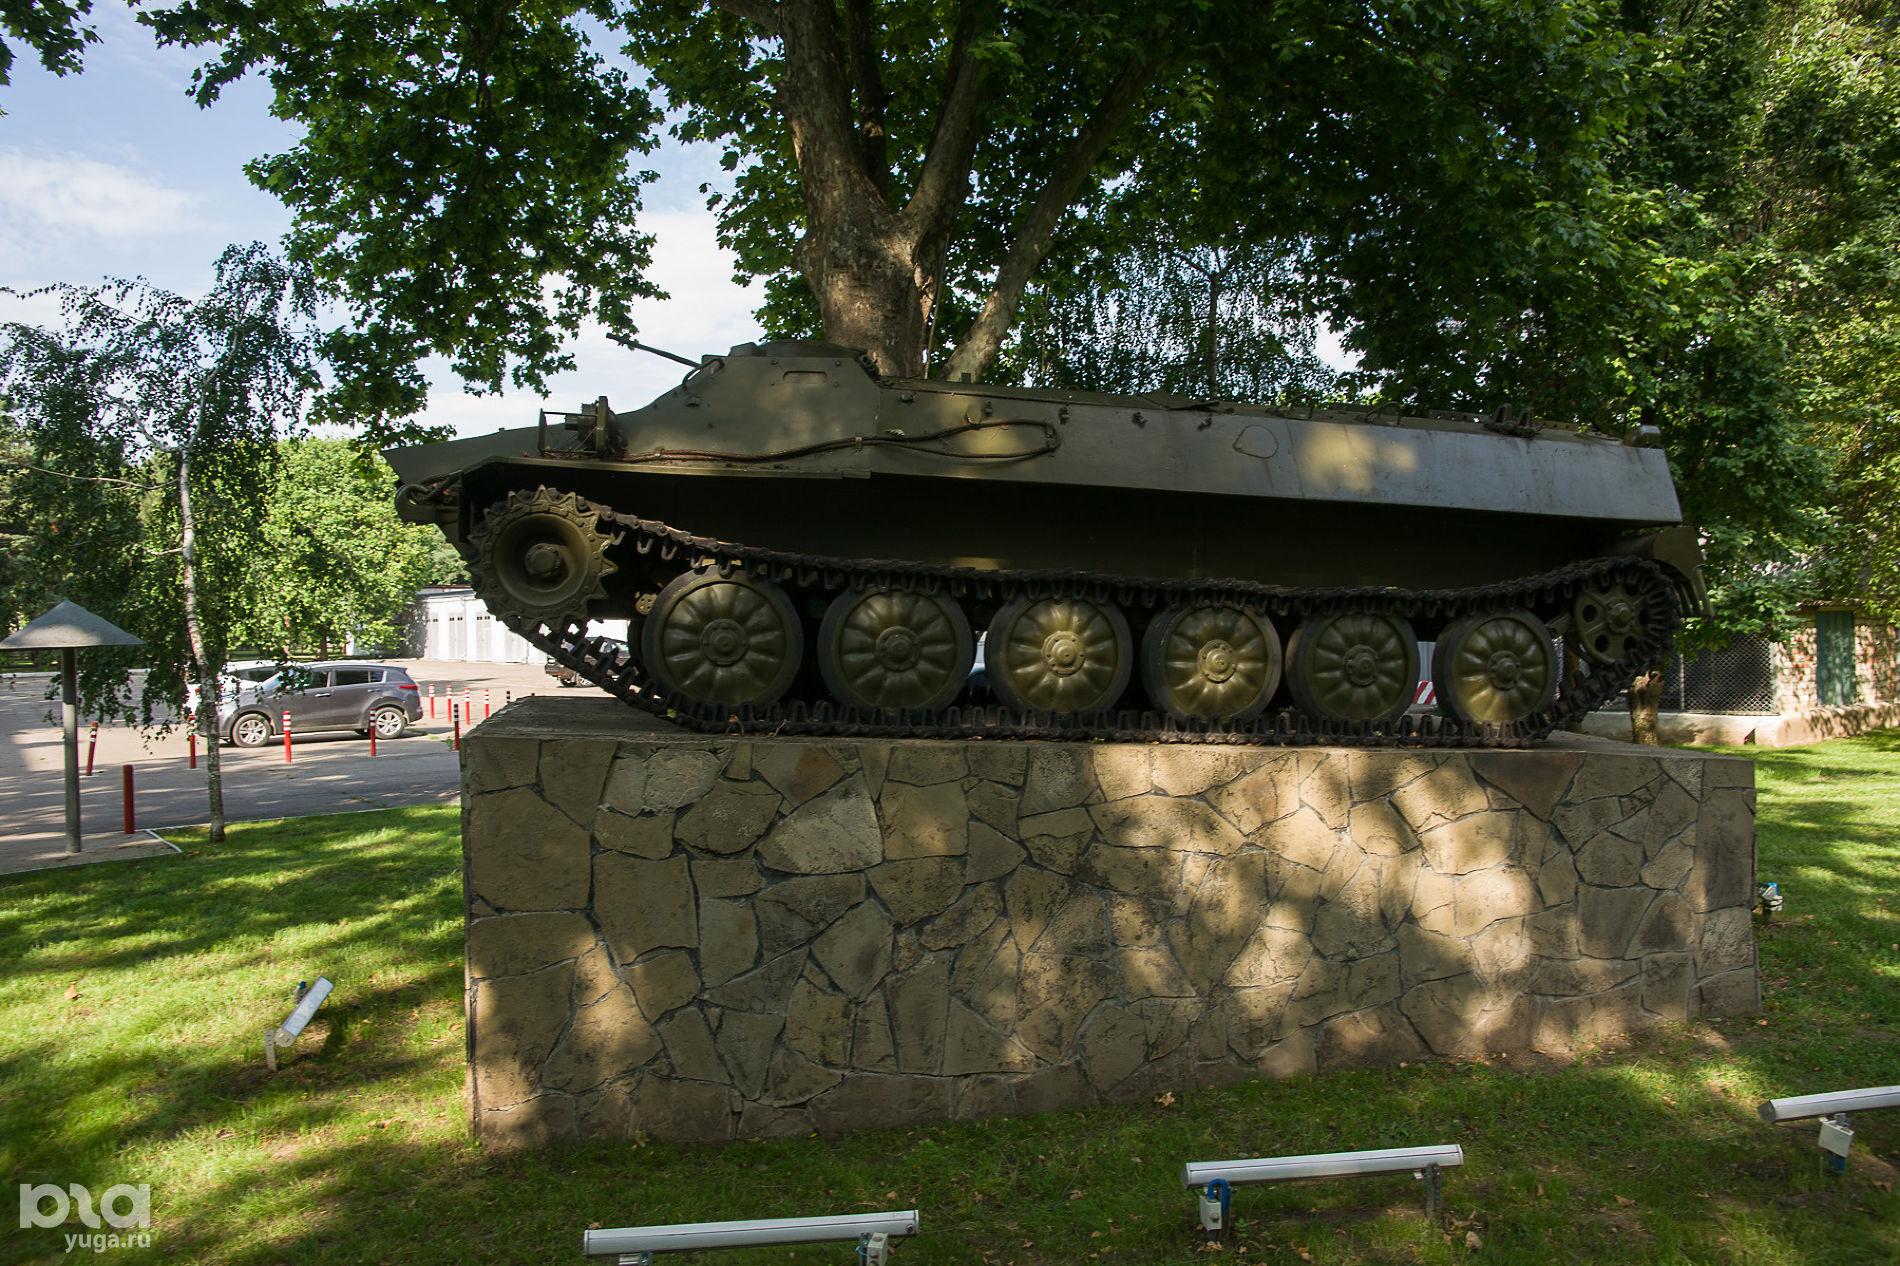 Памятник Защитникам Отечества, территория КубГАУ ©Фото Евгения Мельченко, Юга.ру